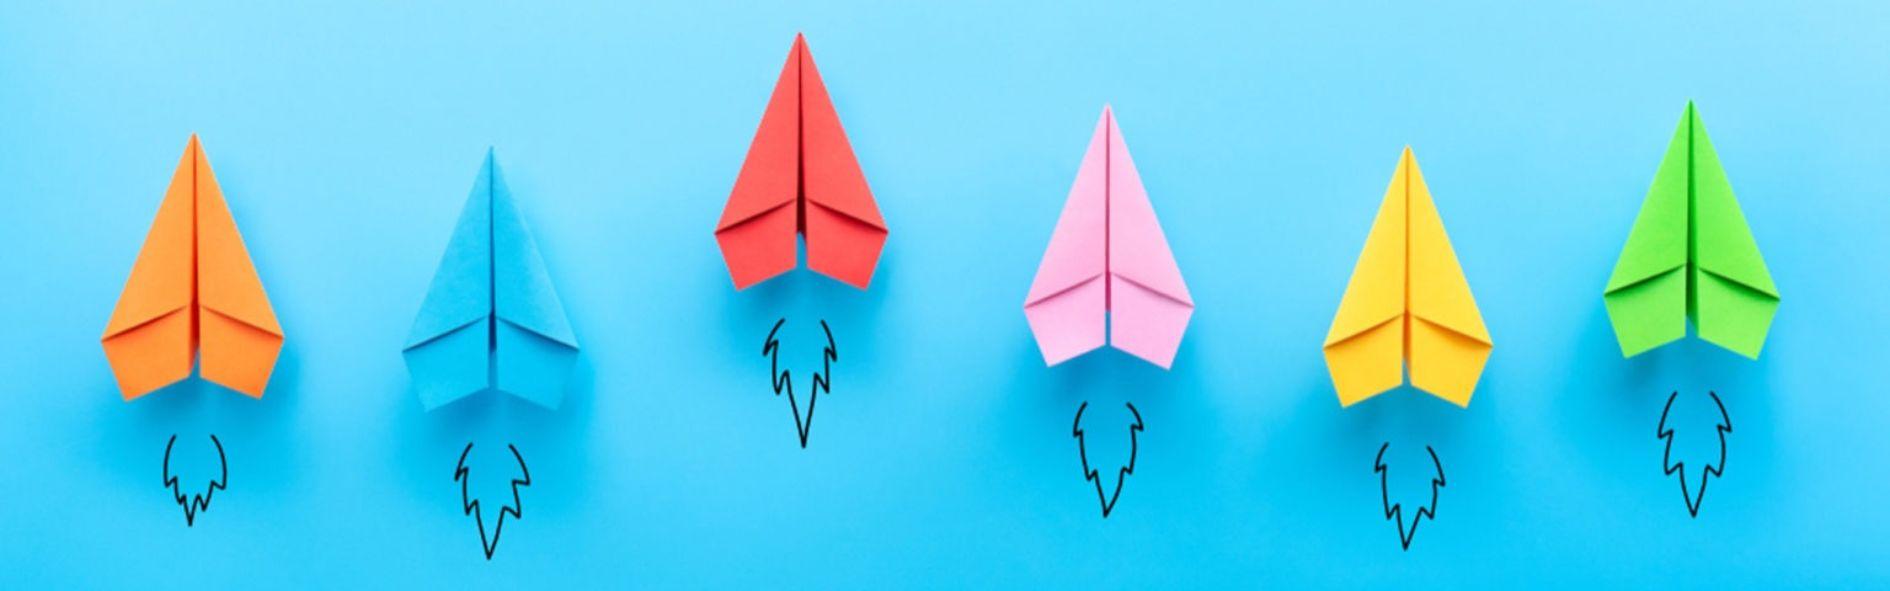 Conoce las 5 fuerzas de Porter para analizar la competencia de un mercado